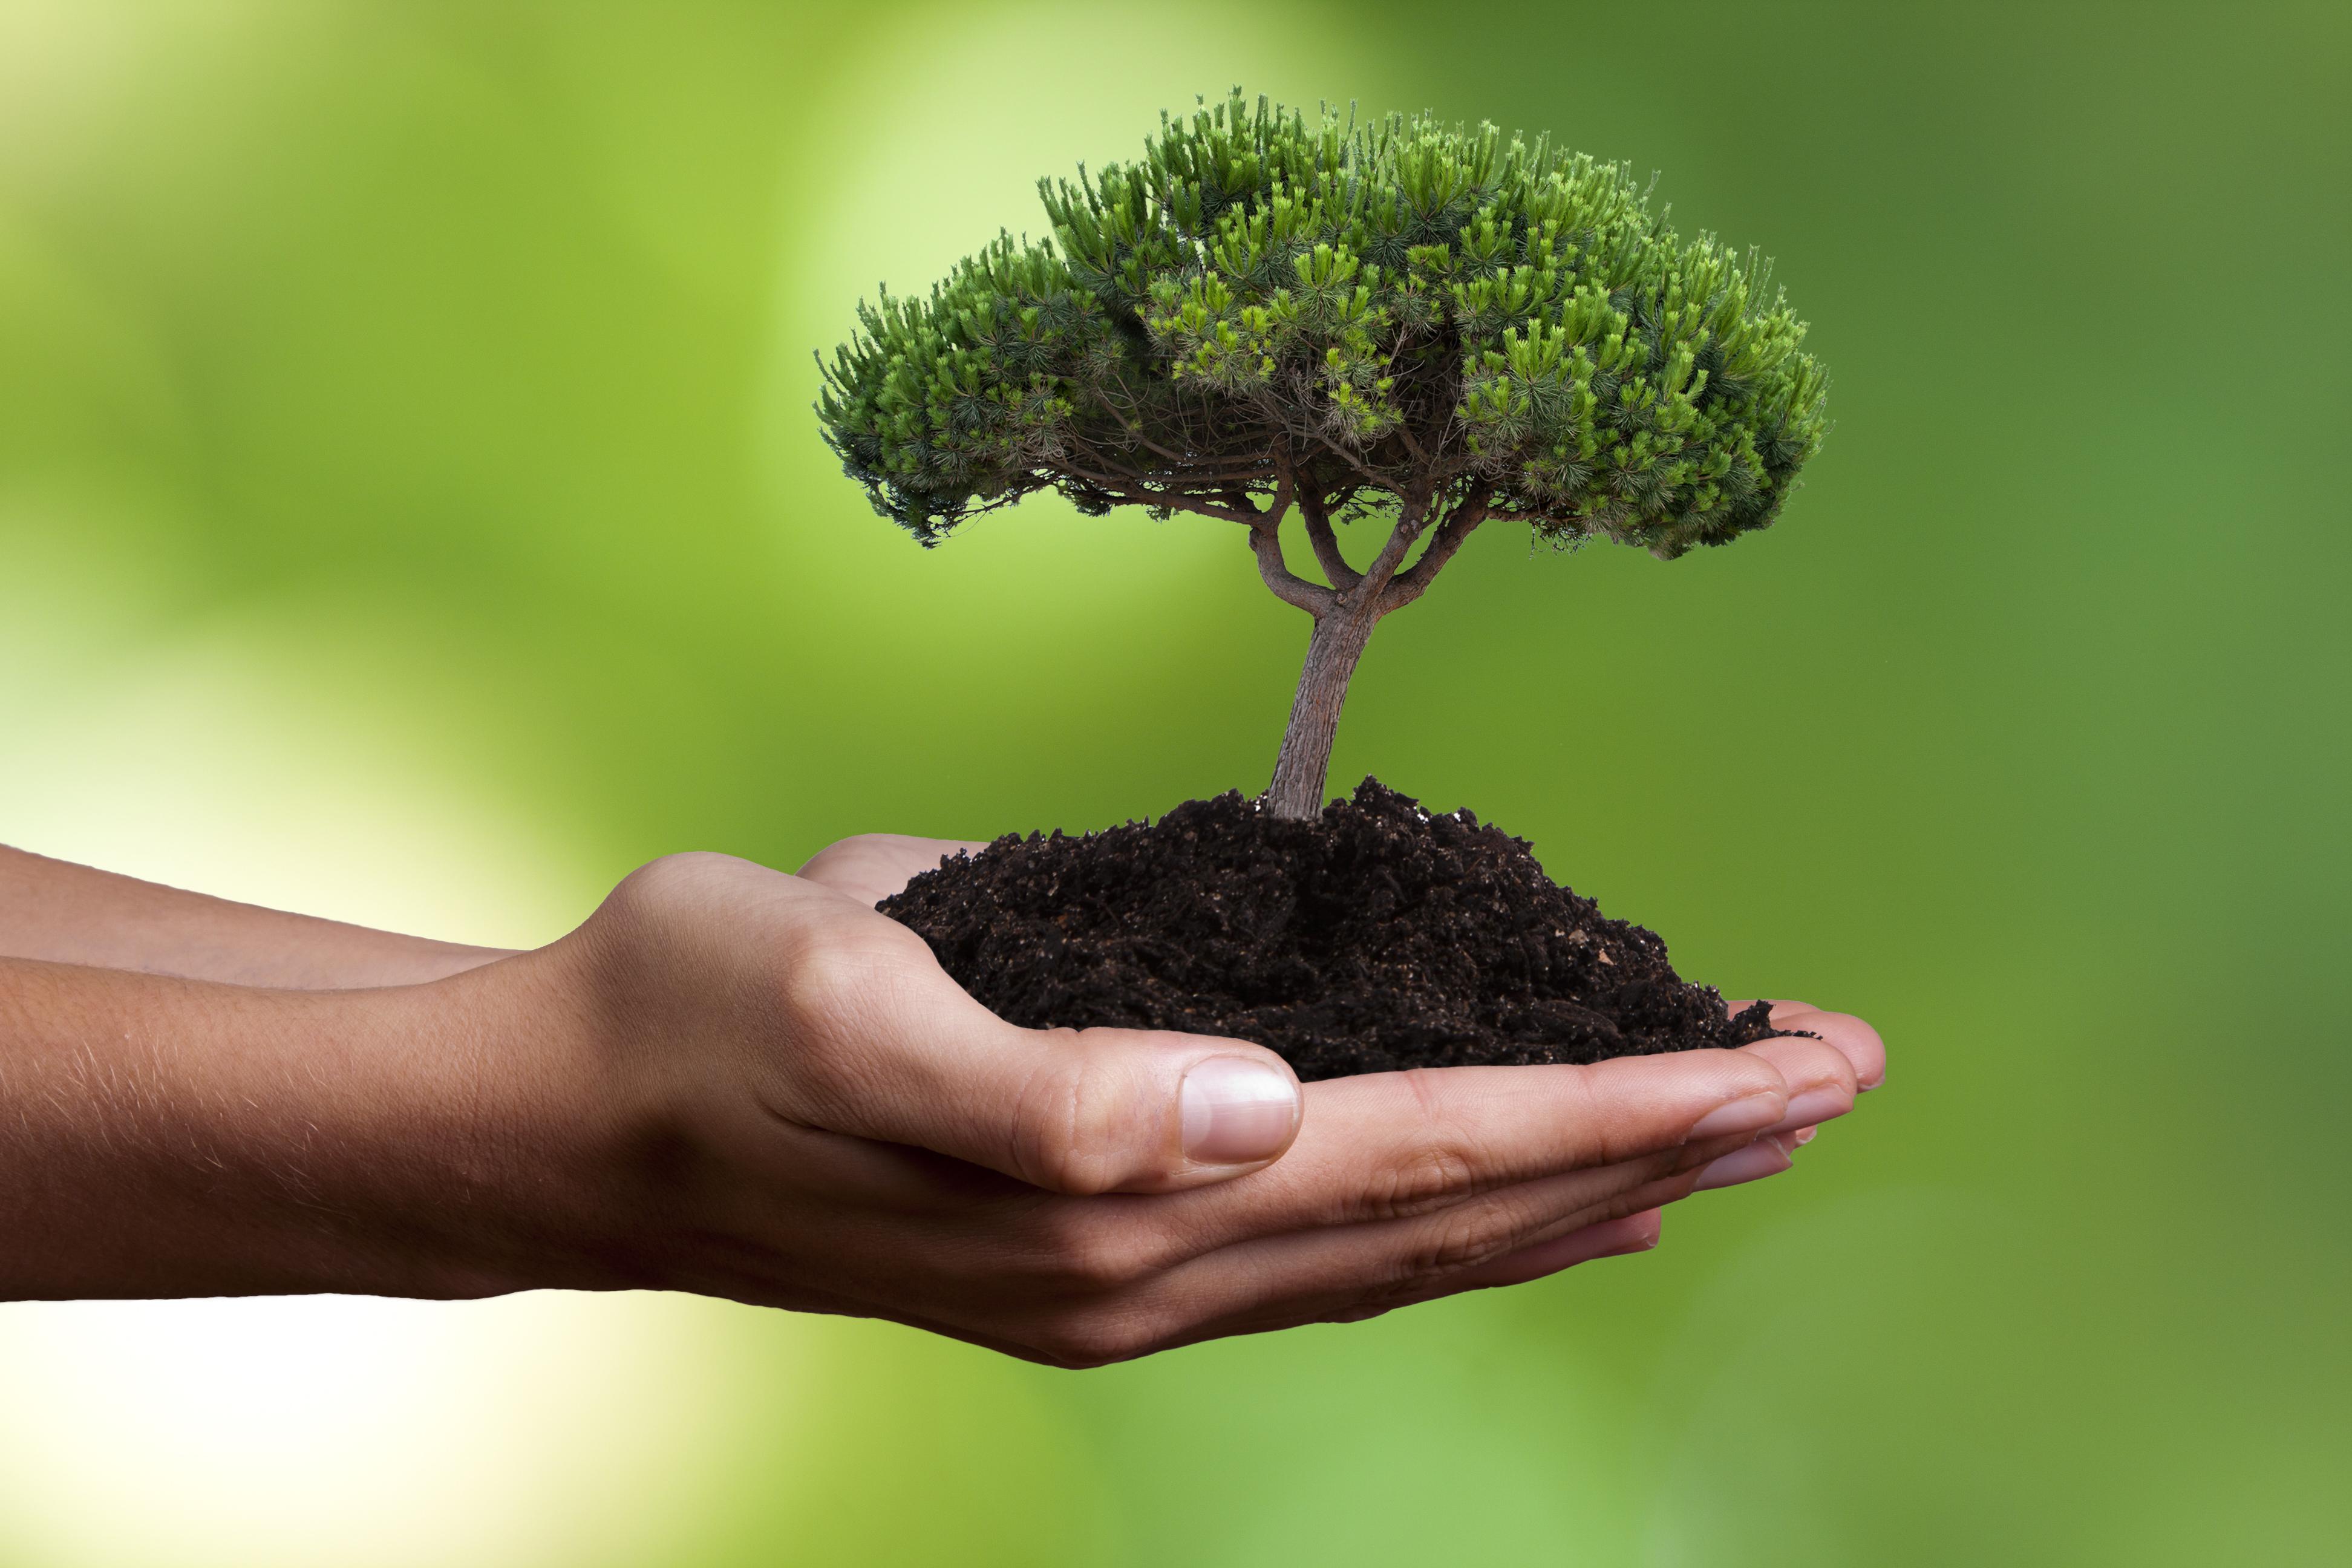 Los 17 objetivos de la Agenda 2030 para el Desarrollo Sostenible